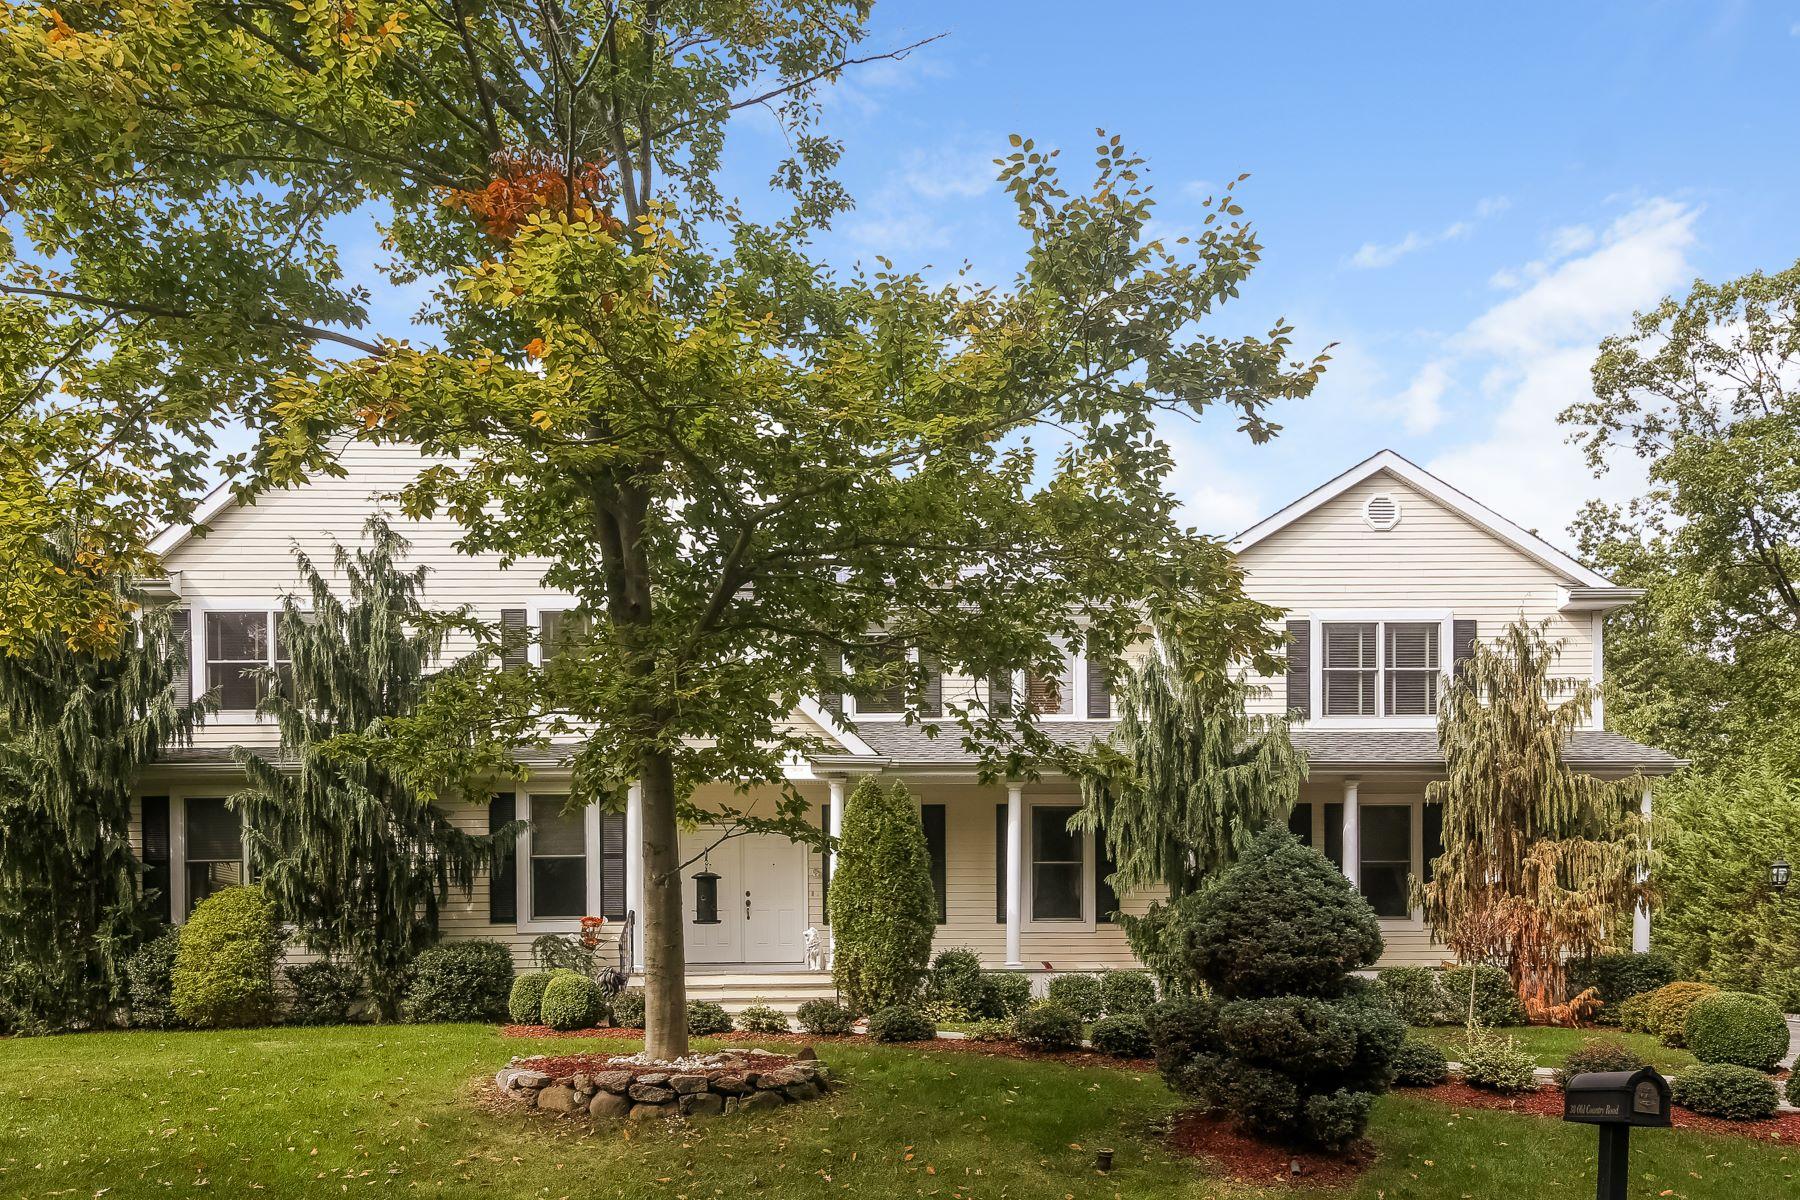 Частный односемейный дом для того Продажа на Inviting Center Hall Colonial 38 Old Country Road New Rochelle, Нью-Йорк 10804 Соединенные Штаты